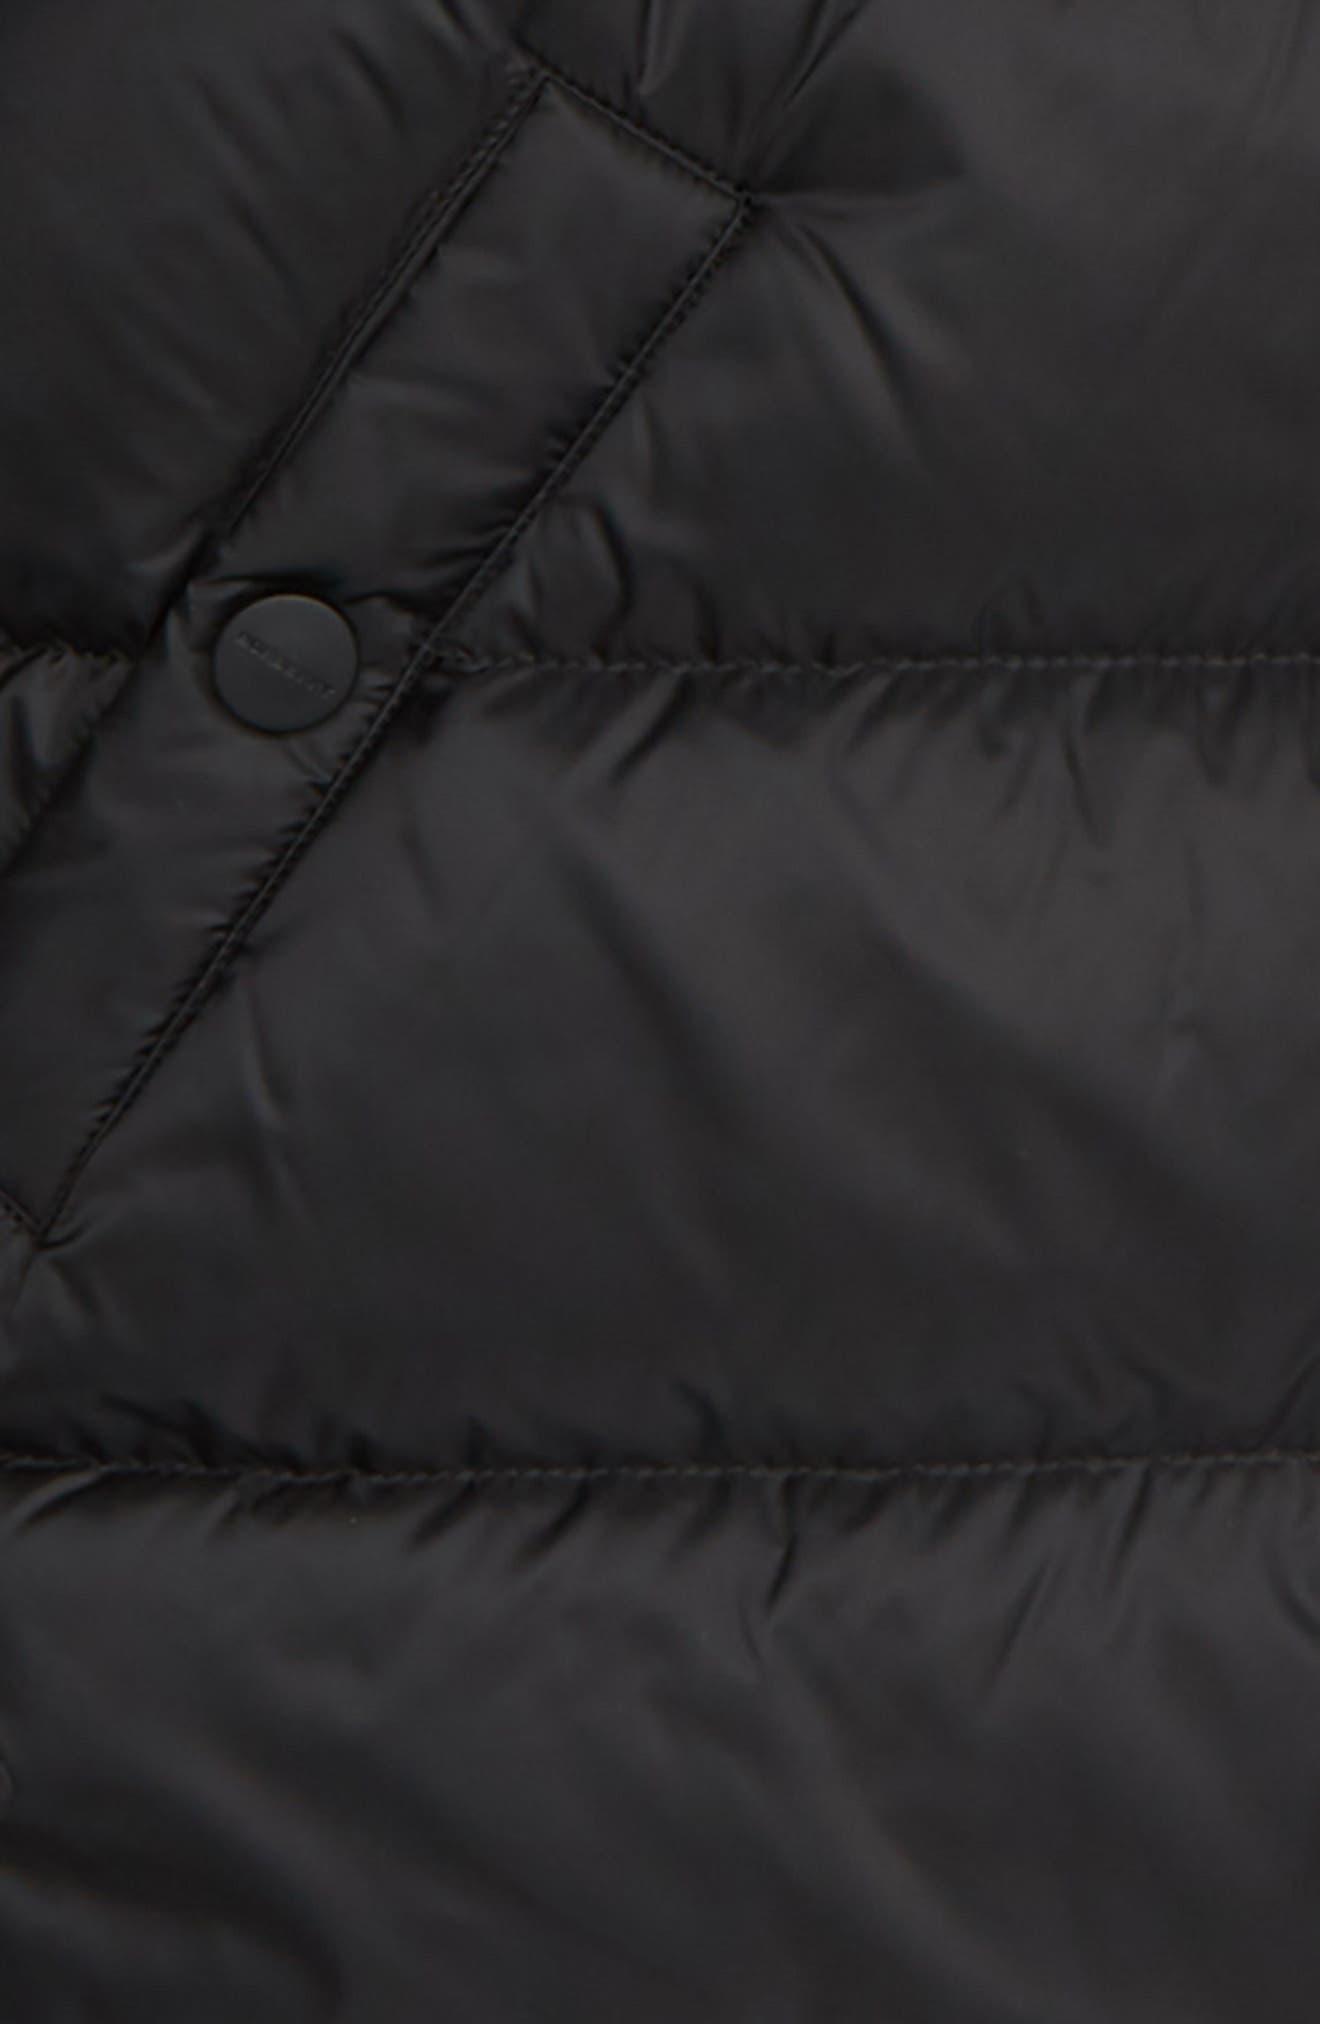 Waterproof Down Puffer Coat,                             Alternate thumbnail 2, color,                             BLACK